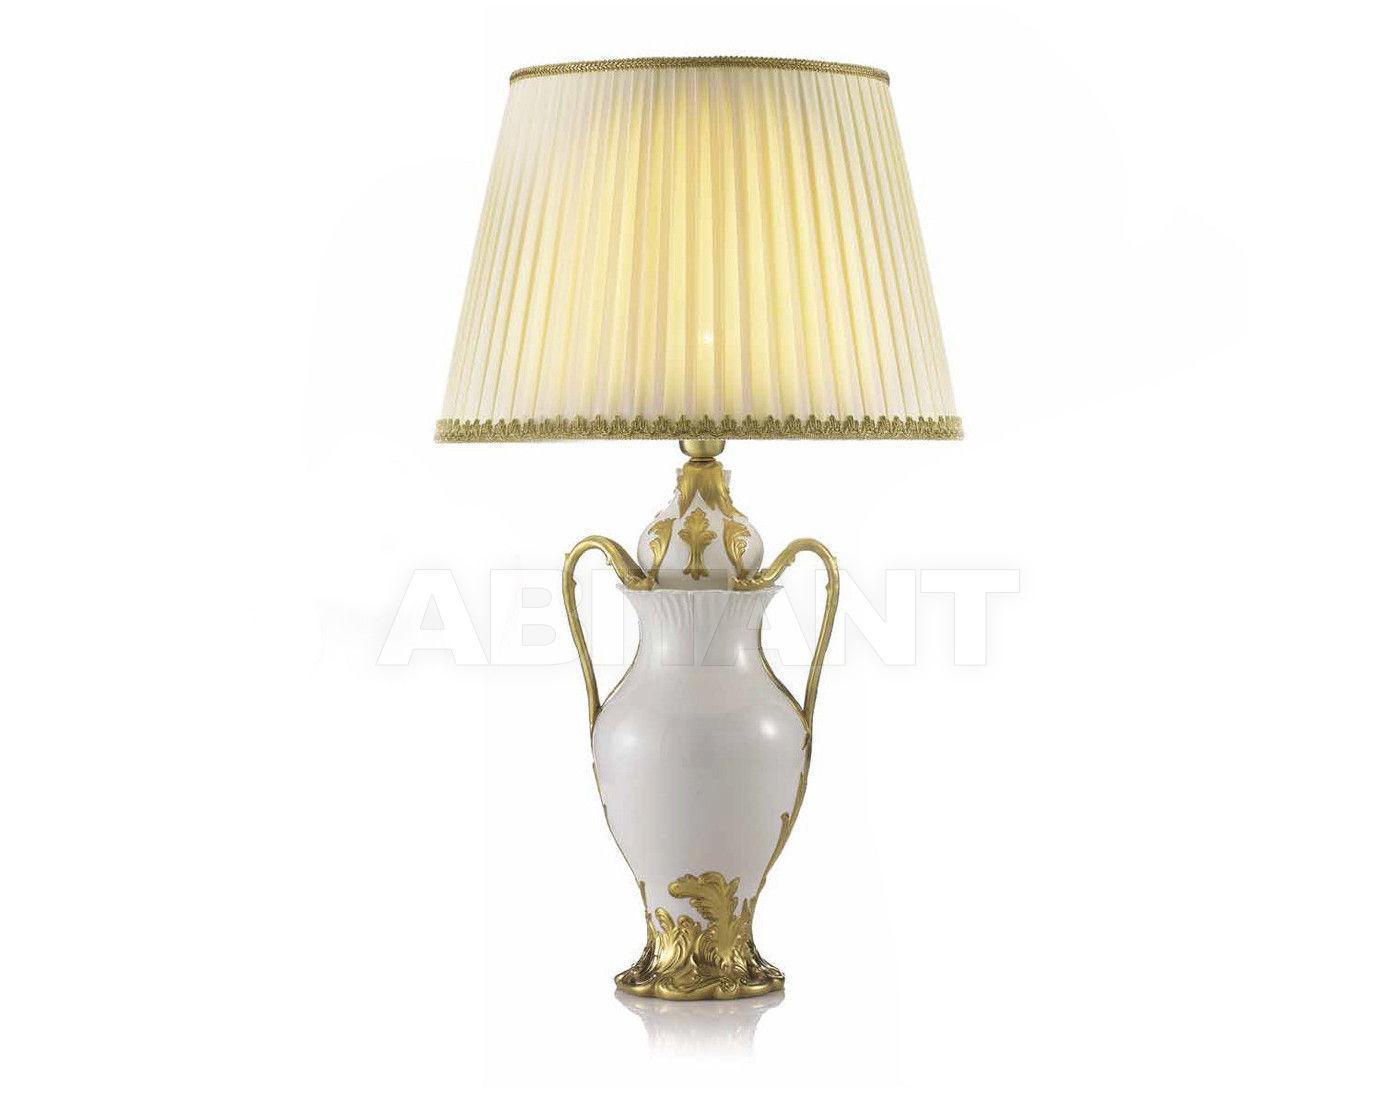 Купить Лампа настольная Villari Grande Impero Iii 0000465-402